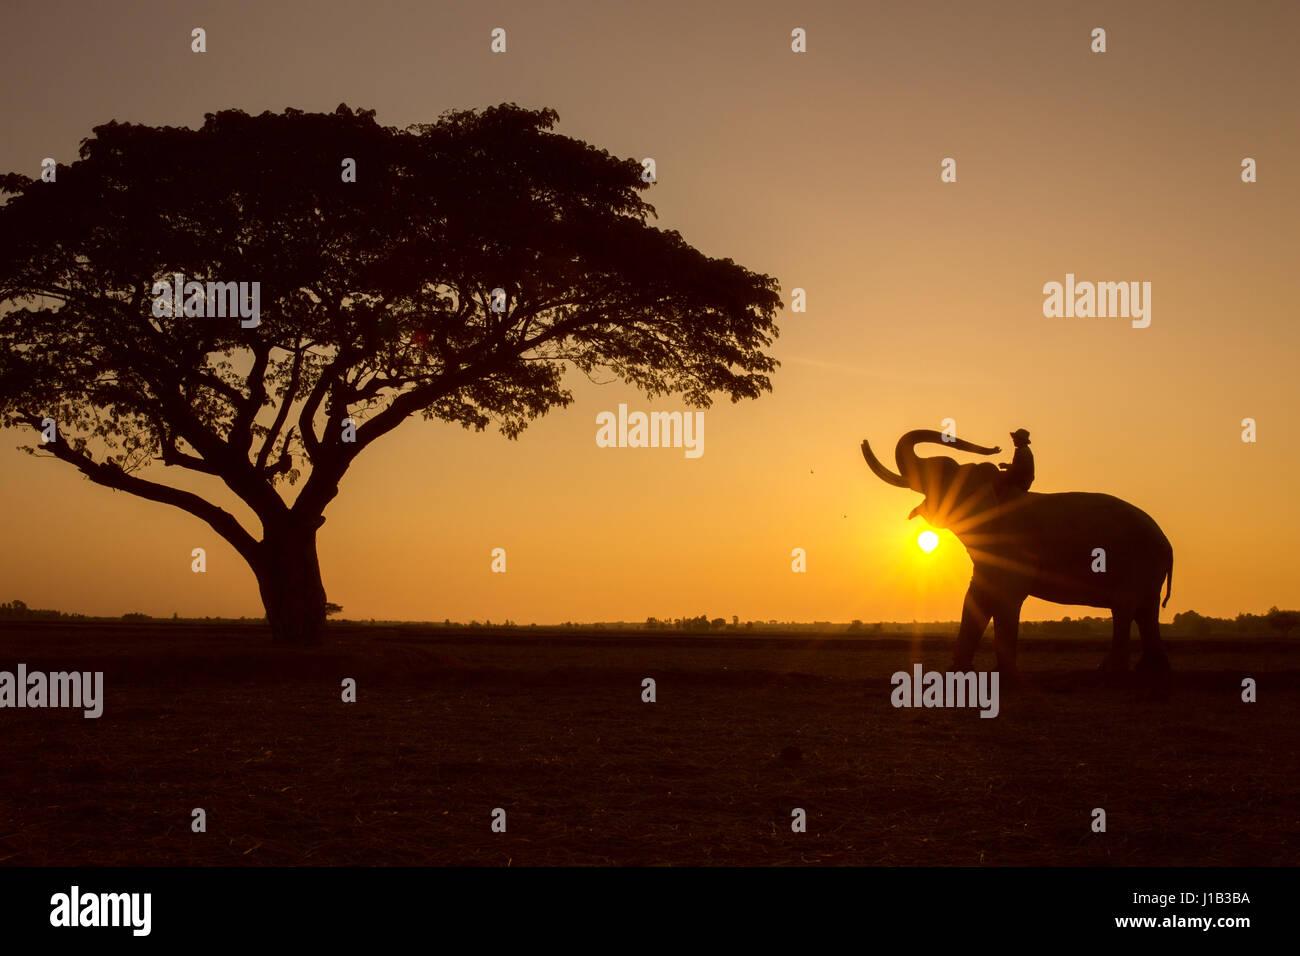 Silhouette albero elefante animale e uomo mahout Sunrise background in Thailandia mattina tempo. Immagini Stock